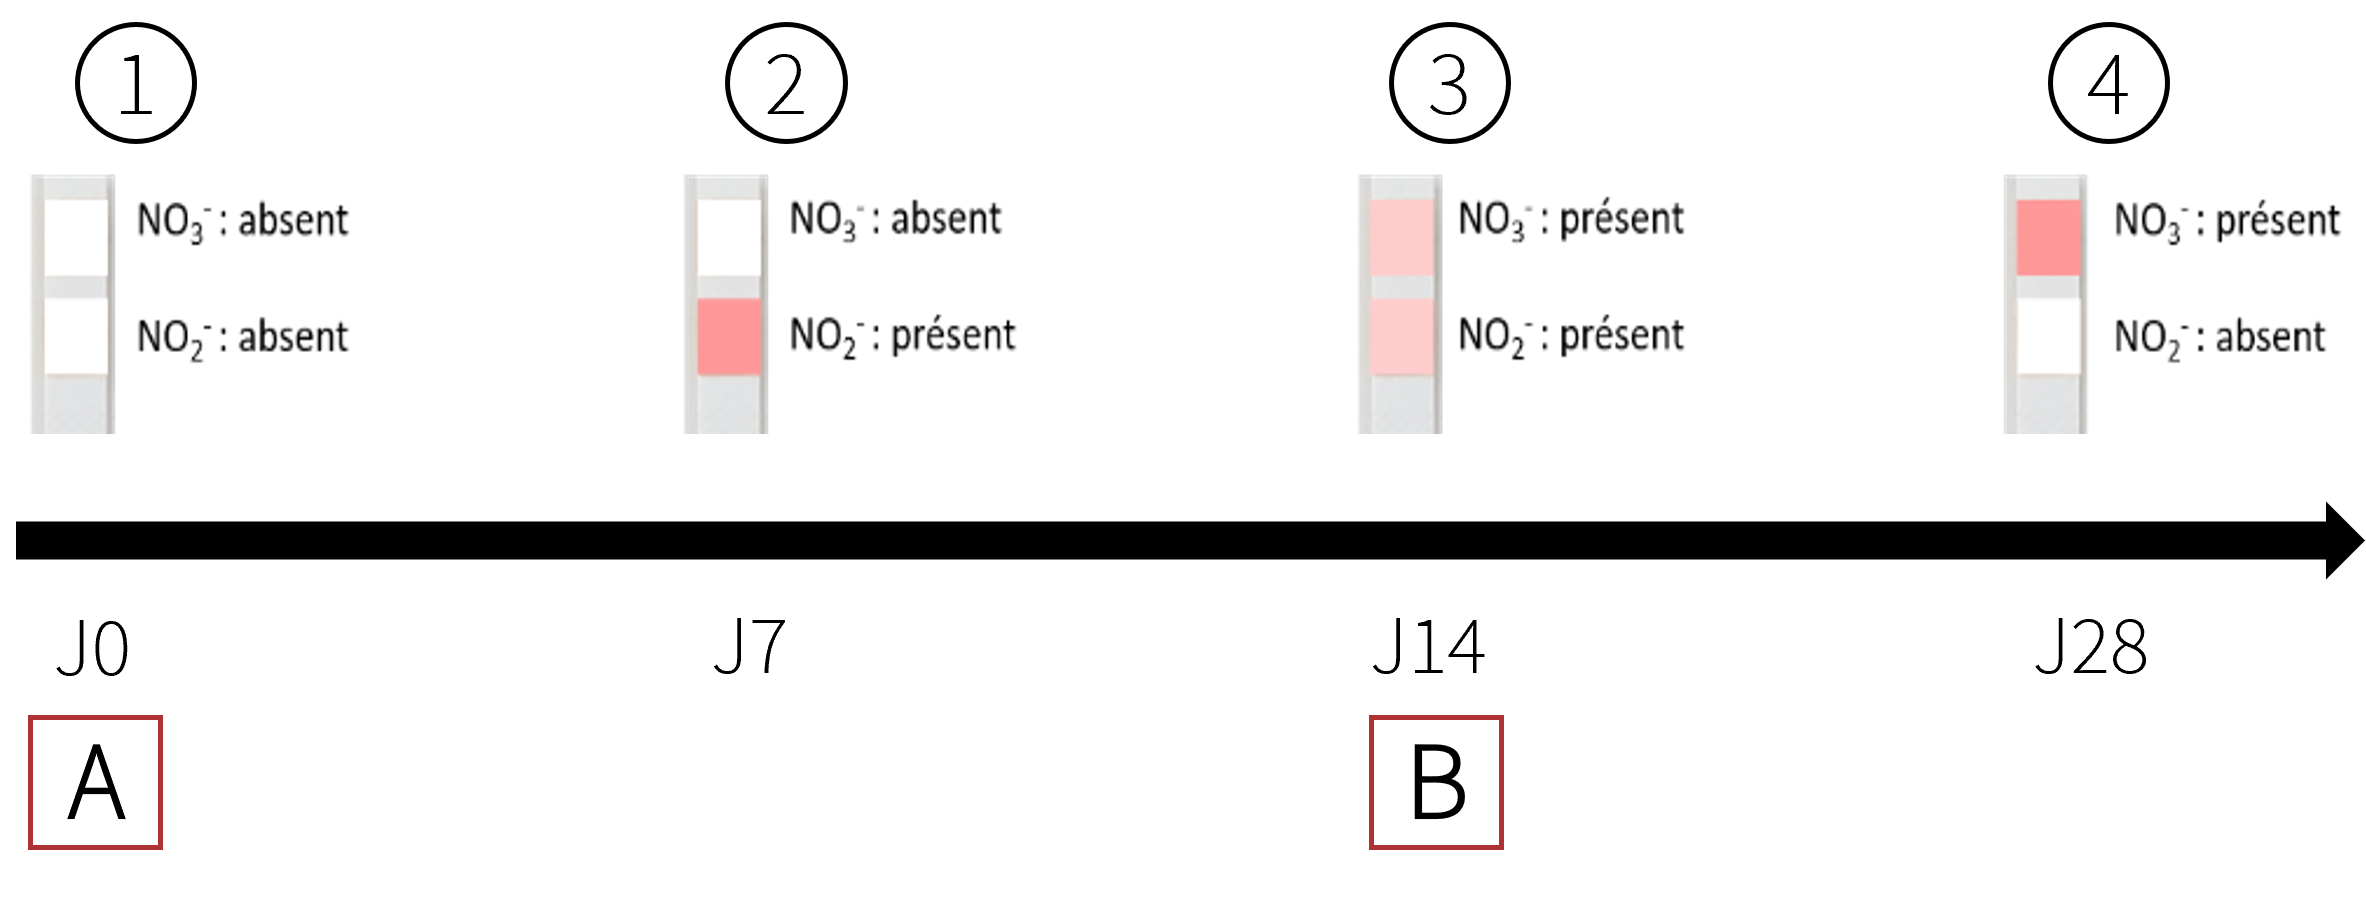 Evolution du cyclage sur la bandelette entre le démarrage et la fin du processus.  A = ajout des bactéries nitrifiantes et 1er ajout de sulfate d'ammonium.  B = 2e ajout de sulfate d'ammonium.